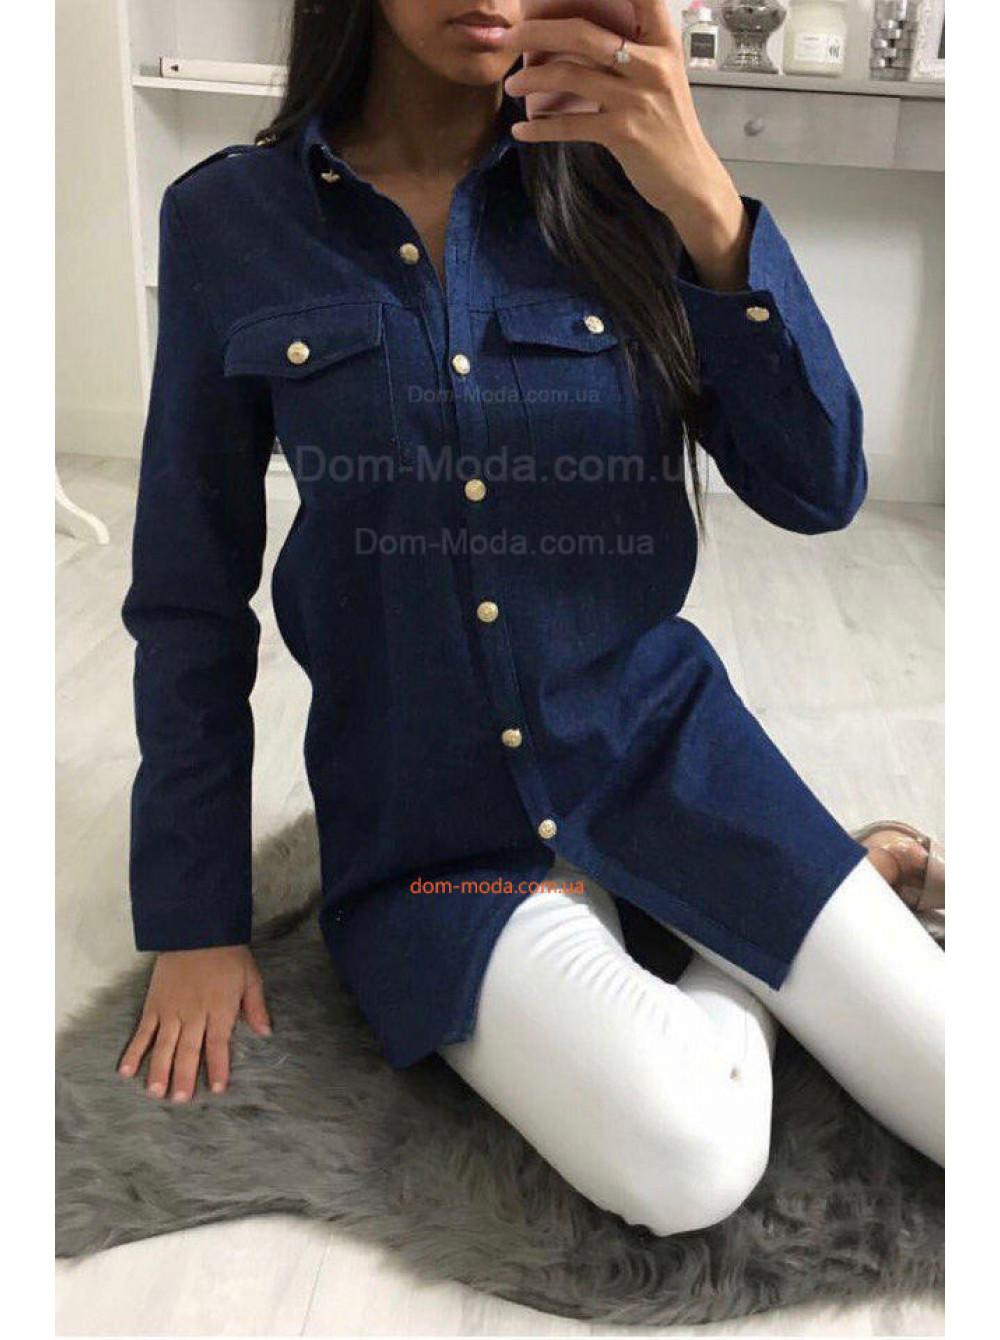 1cc3884ea88d454 Удлиненная джинсовая рубашка женская купить за 430 грн SF-8723 в ...